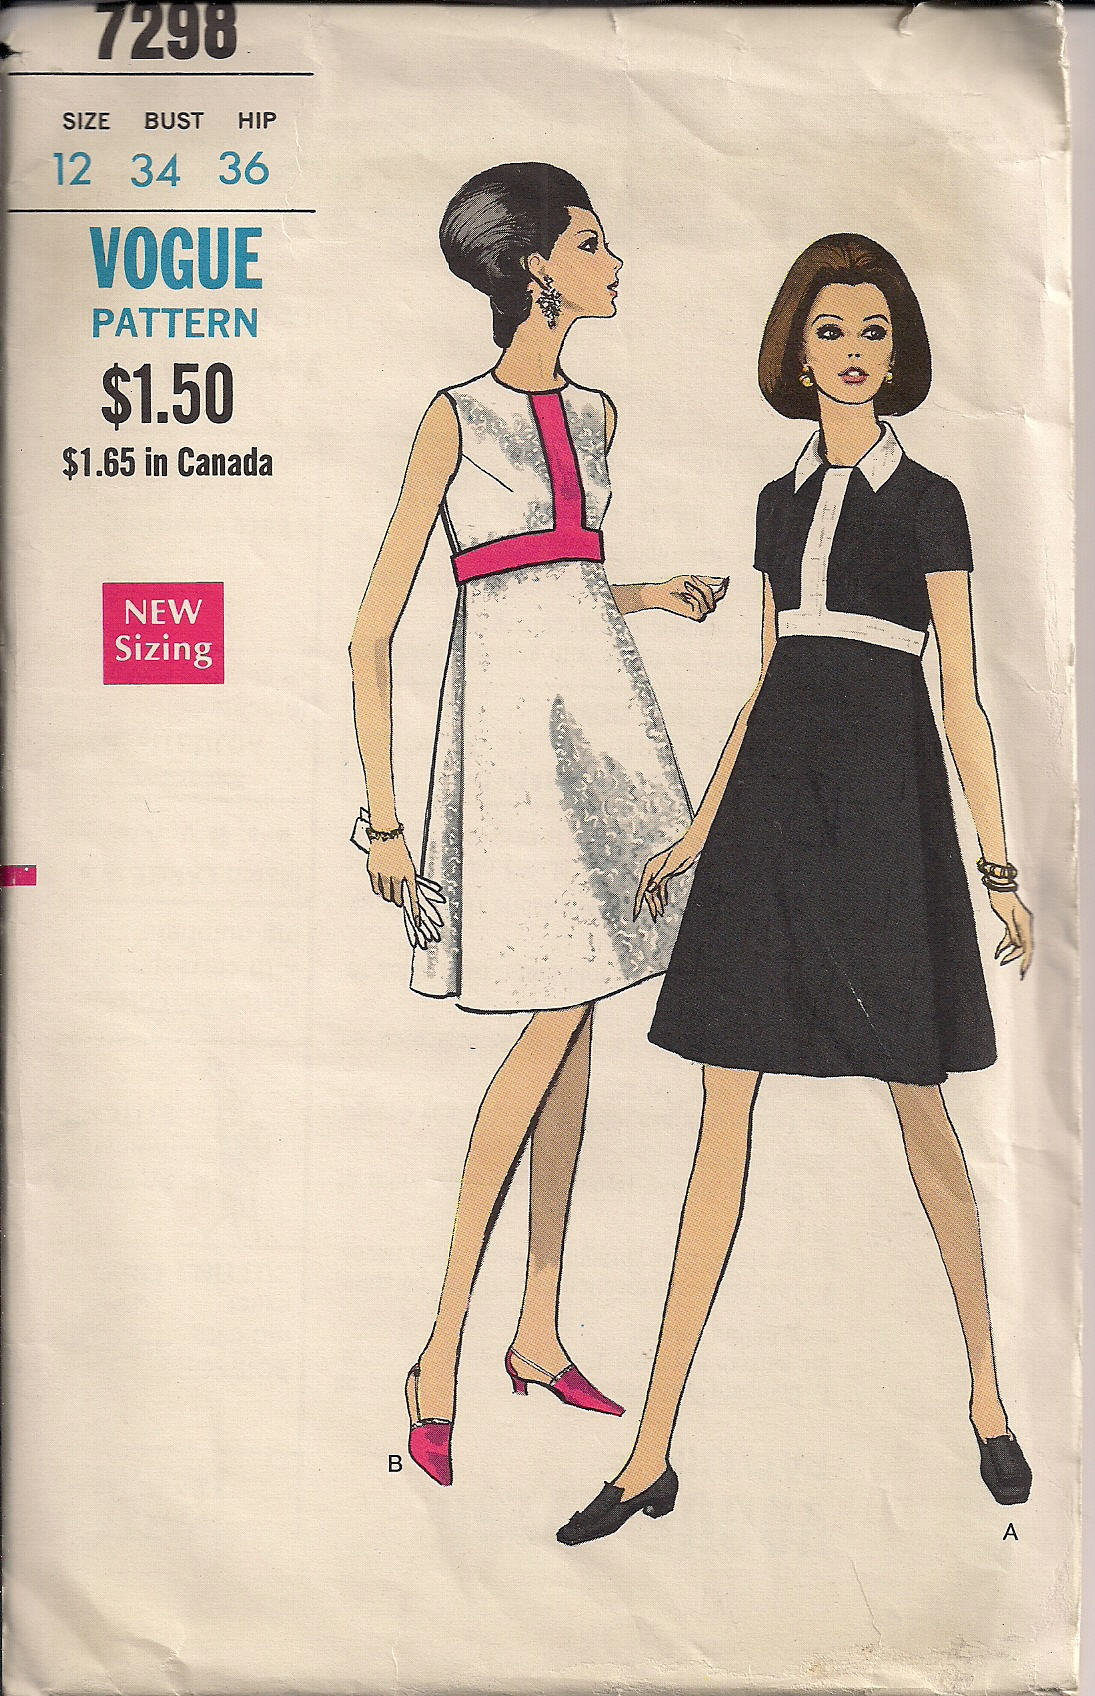 Vogue 7298 A